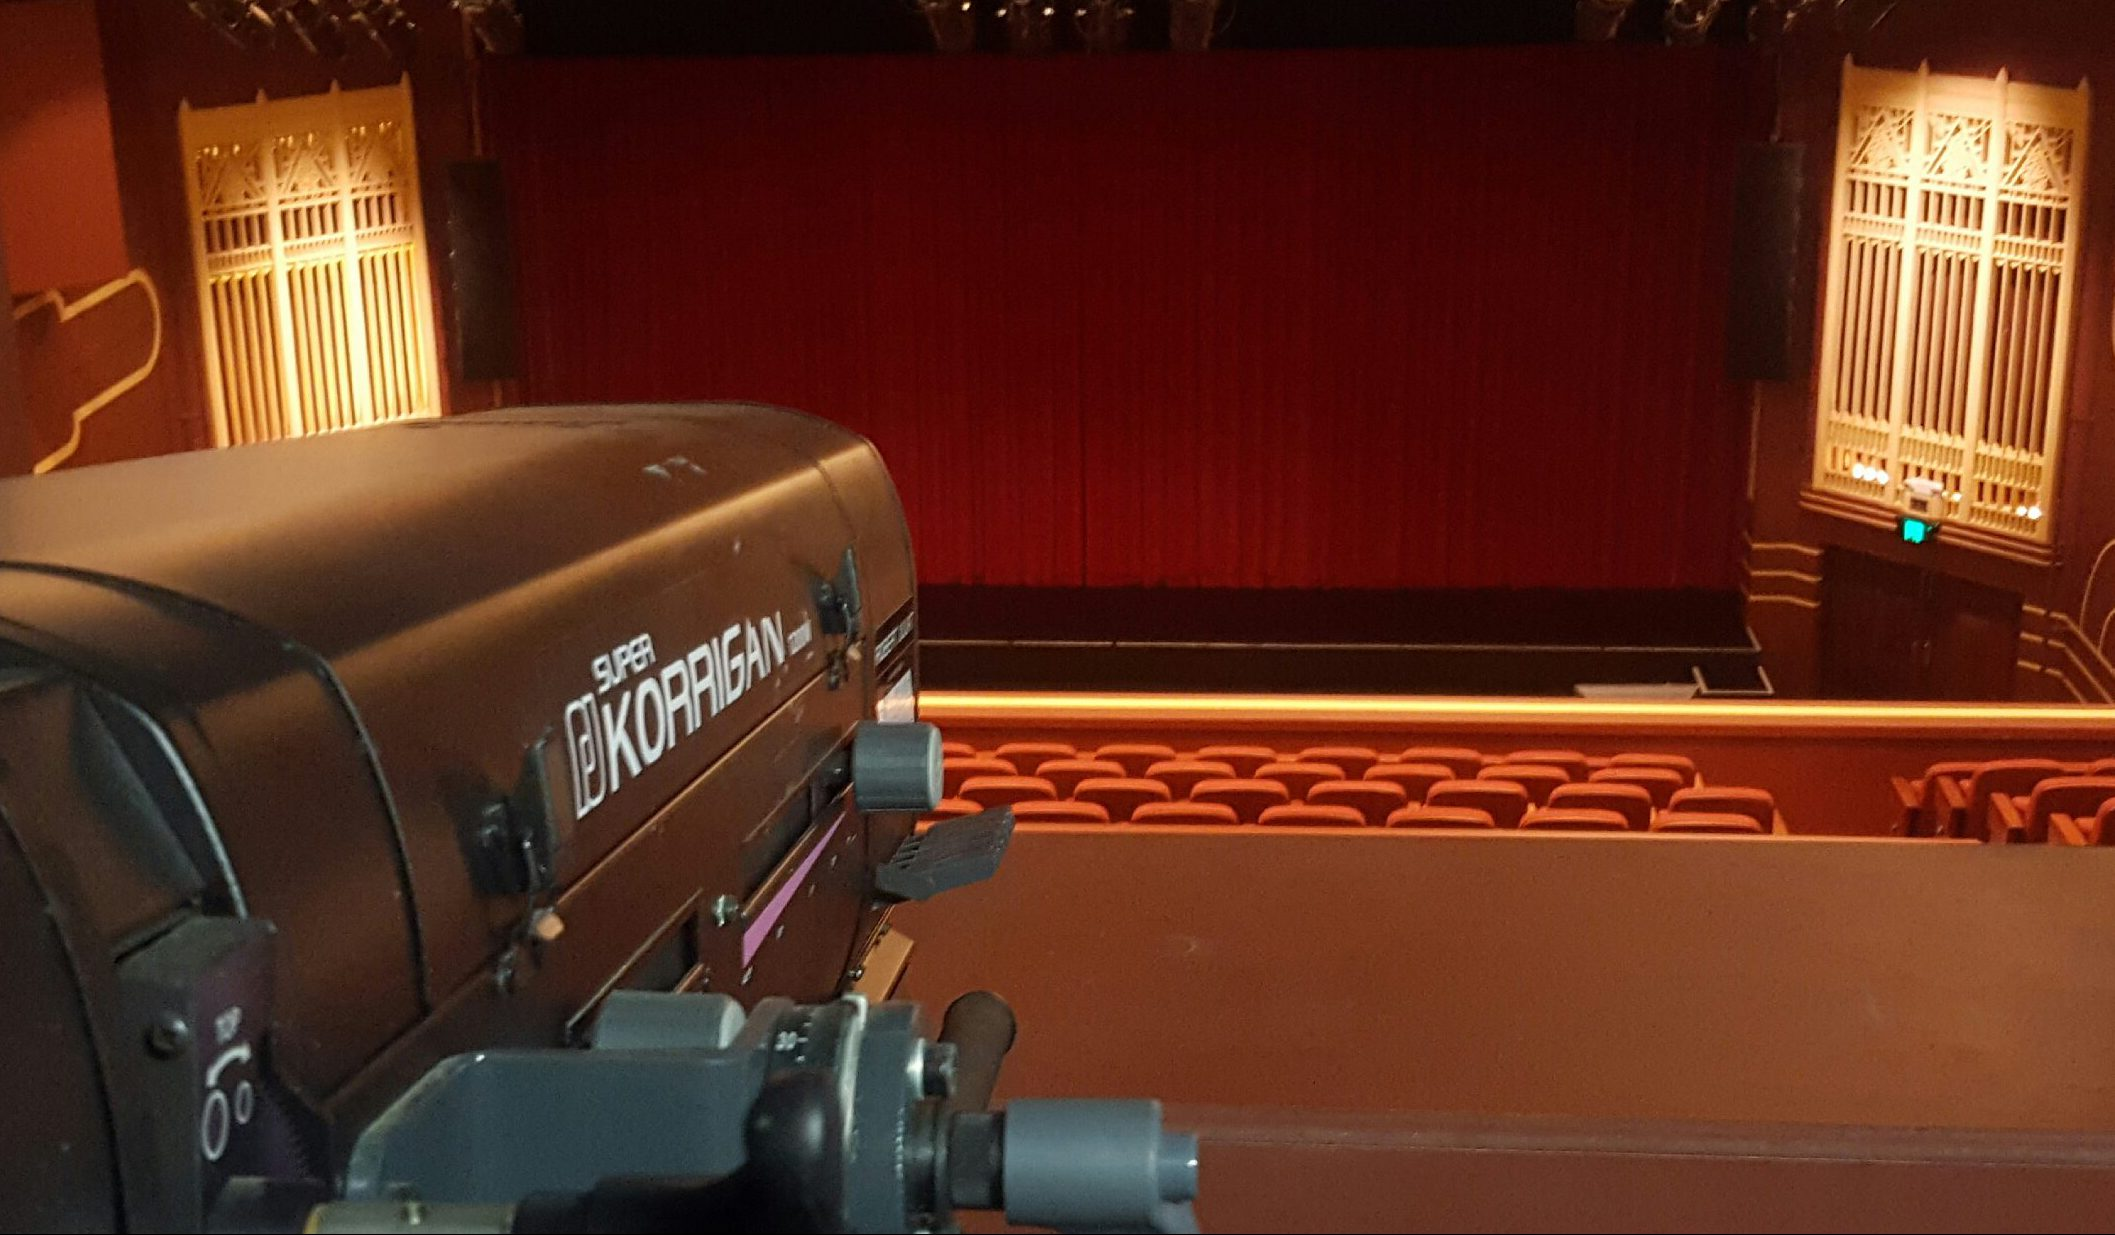 Perth's Regal Theatre